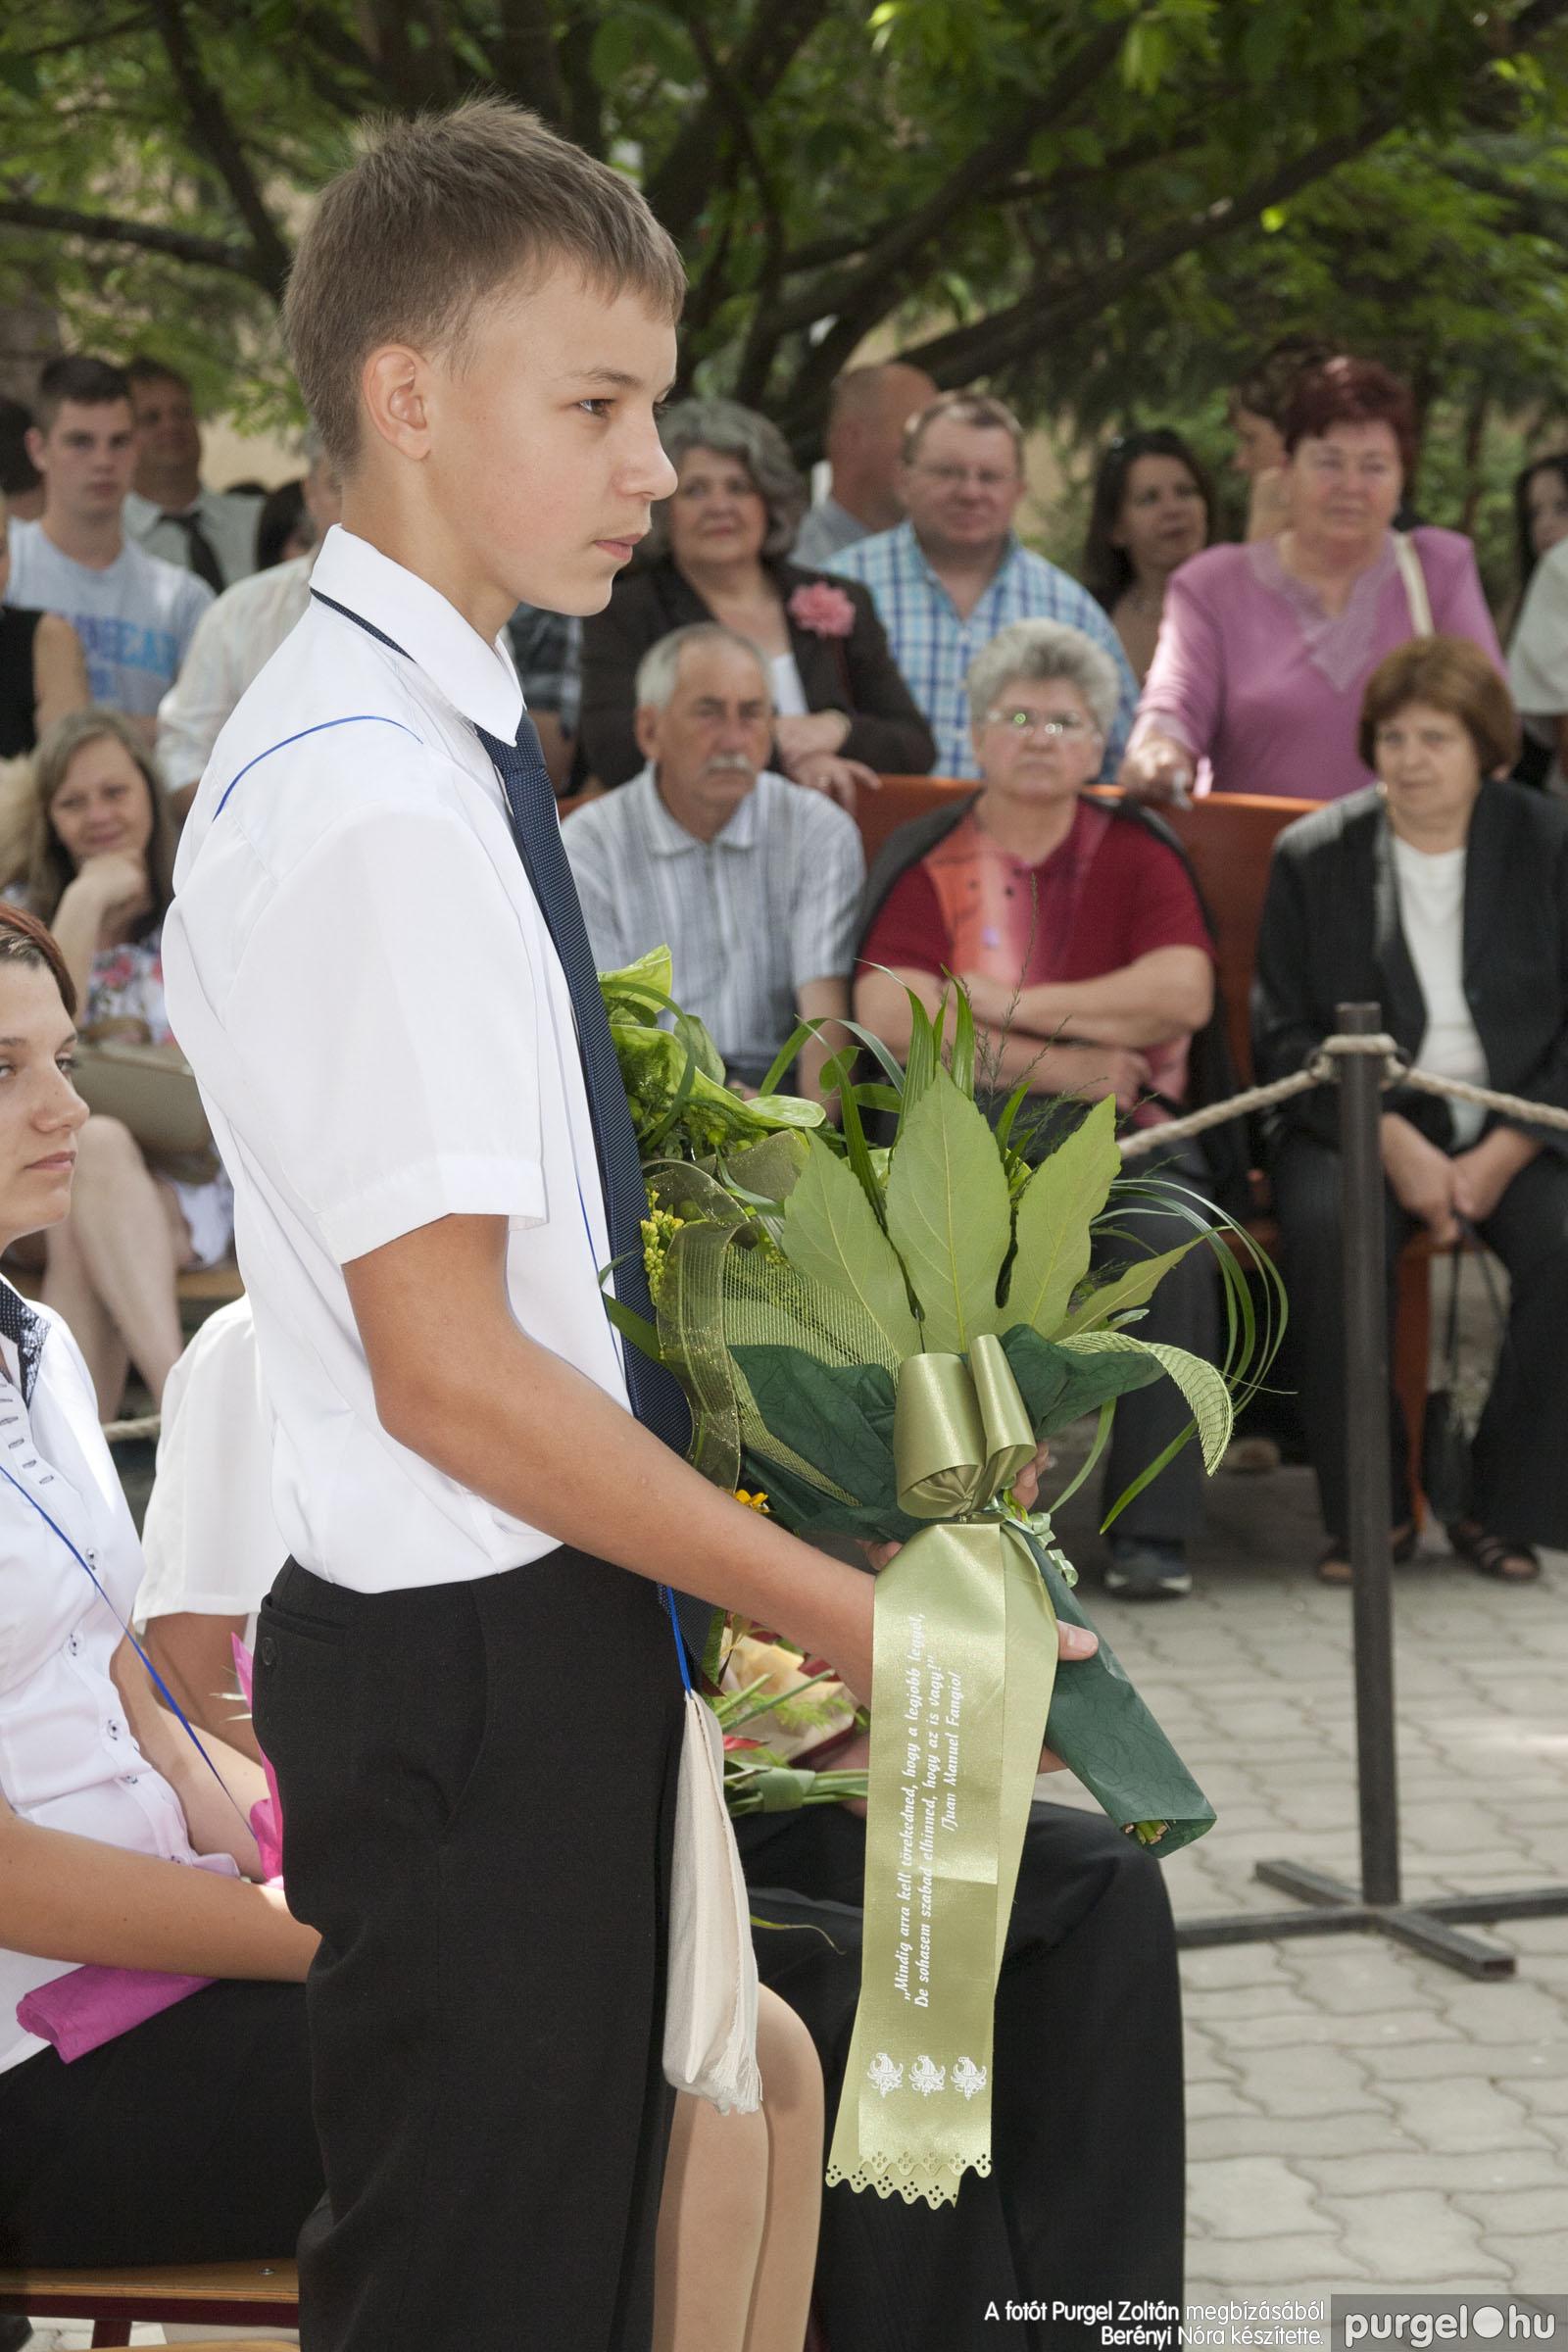 2014.06.14. 224 Forray Máté Általános Iskola ballagás 2014. - Fotó:BERÉNYI NÓRA© _MG_5875.jpg